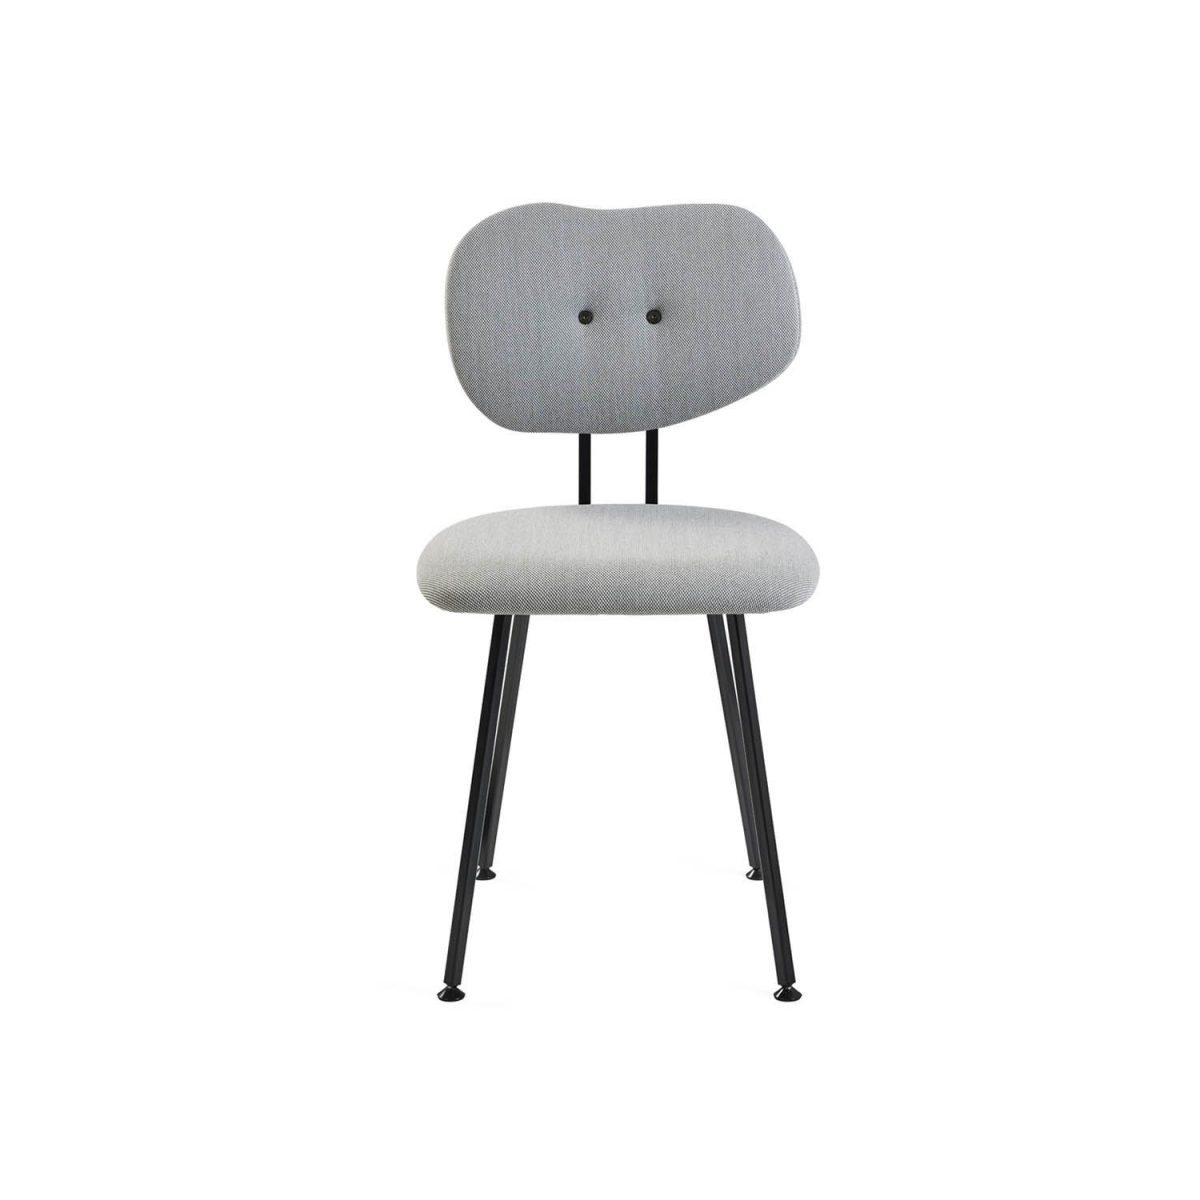 Maarten Baas 101 Stoel Lensvelt Project Grijs Projectstoel